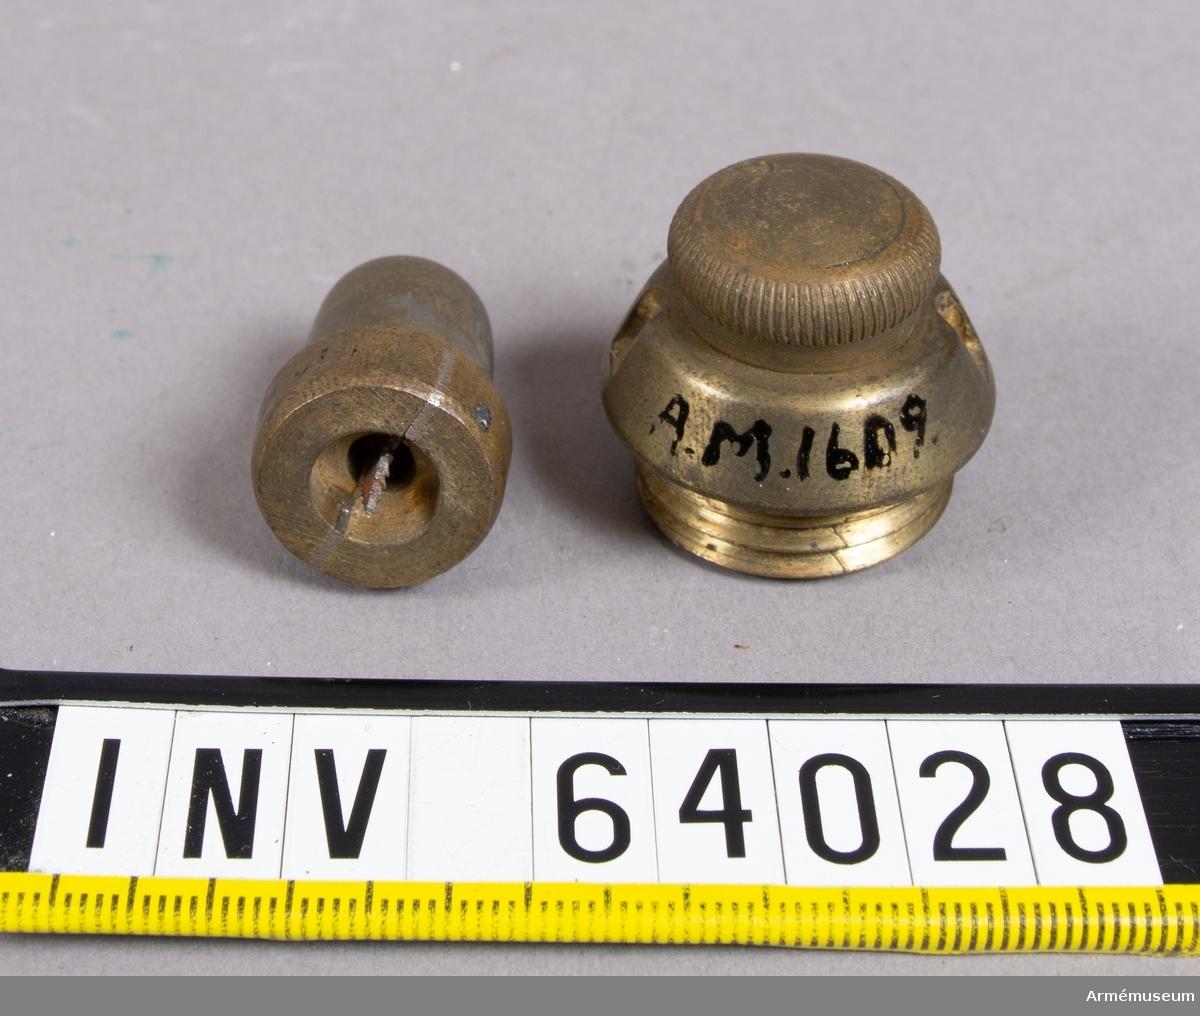 Grupp F II.  Till 3-, 4-, 9- och 12-pundiga granater till bakladdningskanoner. Saknar troligen delar.